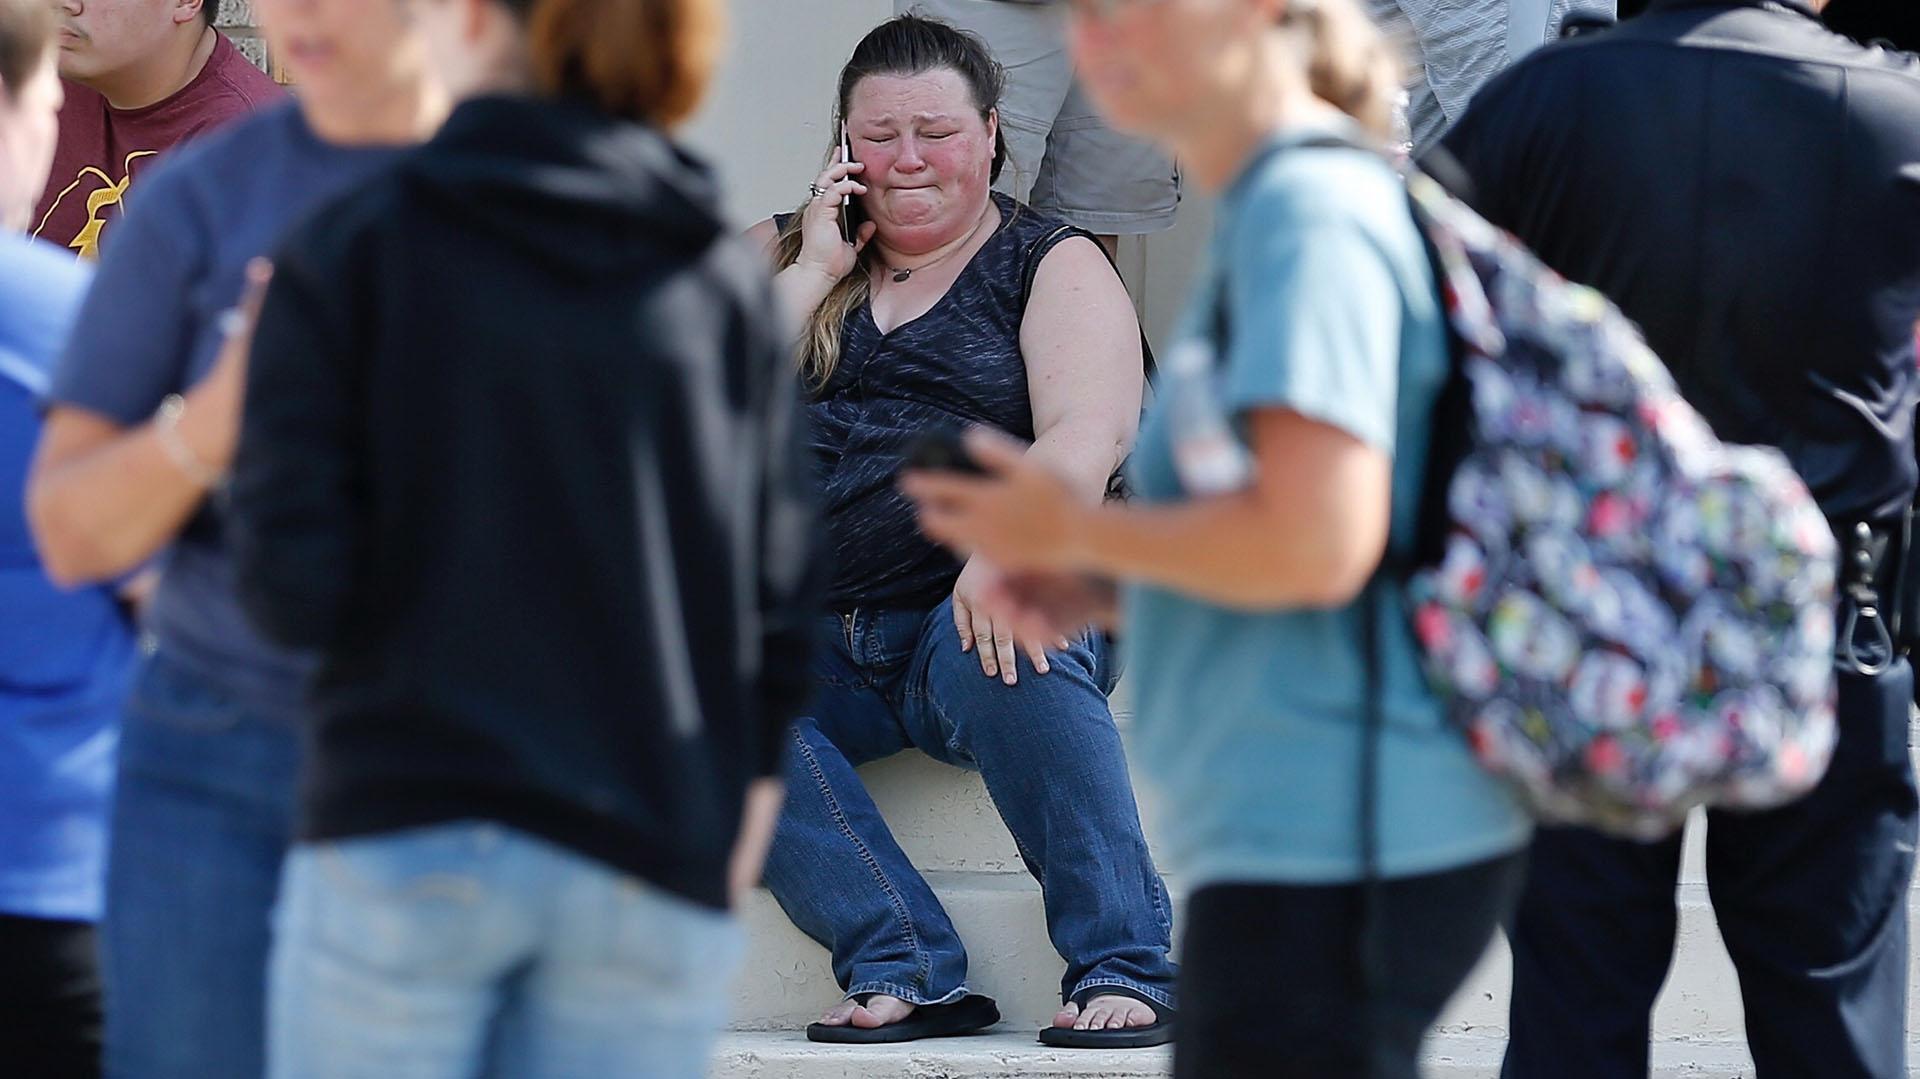 Los familiares de los estudiantes, desesperados, buscan información sobre los menores en las afueras del campus (AP)